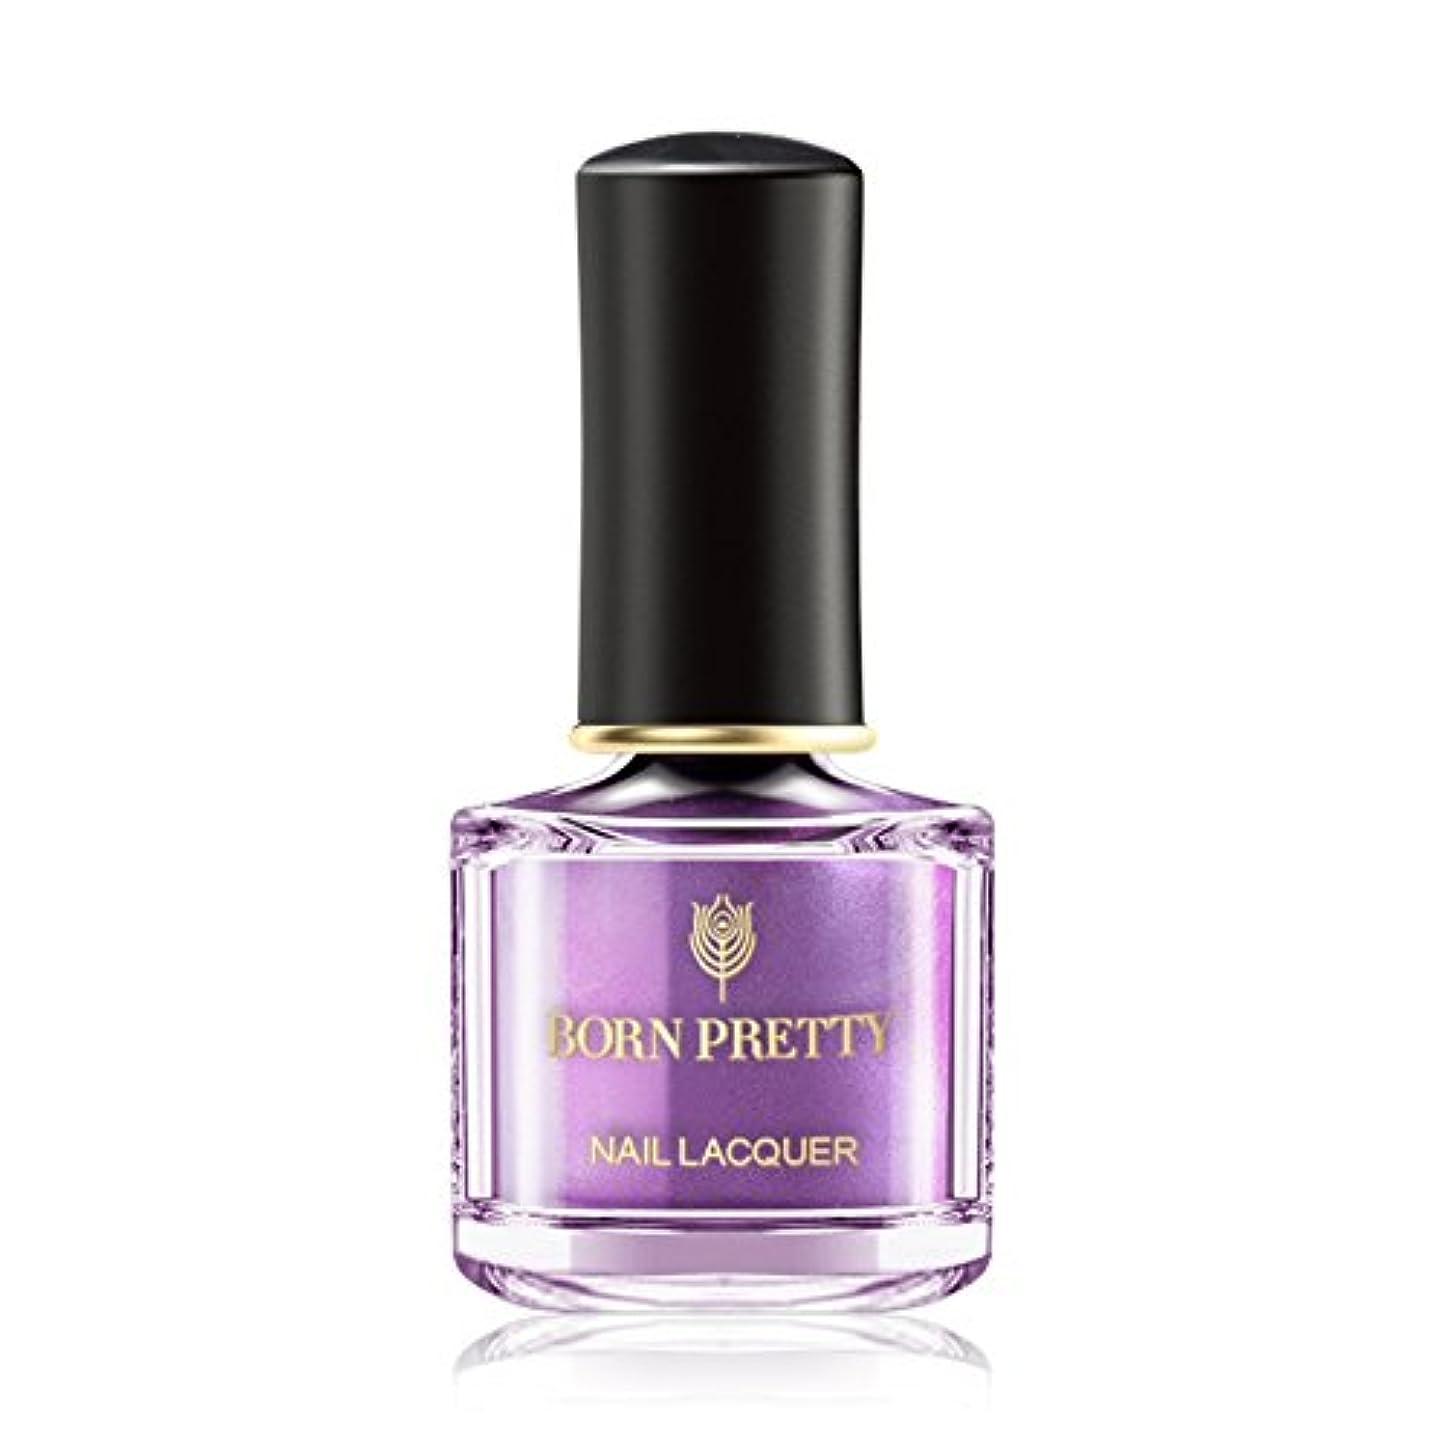 合意正確マークされたBORN PRETTY メタリックマニキュア グリッターネイルカラー ミラーネイルポリッシュ 薄い紫 金属風 鏡面ネイル ネイルポリッシュ 【全7色】 6ml/ボトル BP-MM06 Perhaps Purple [並行輸入品]